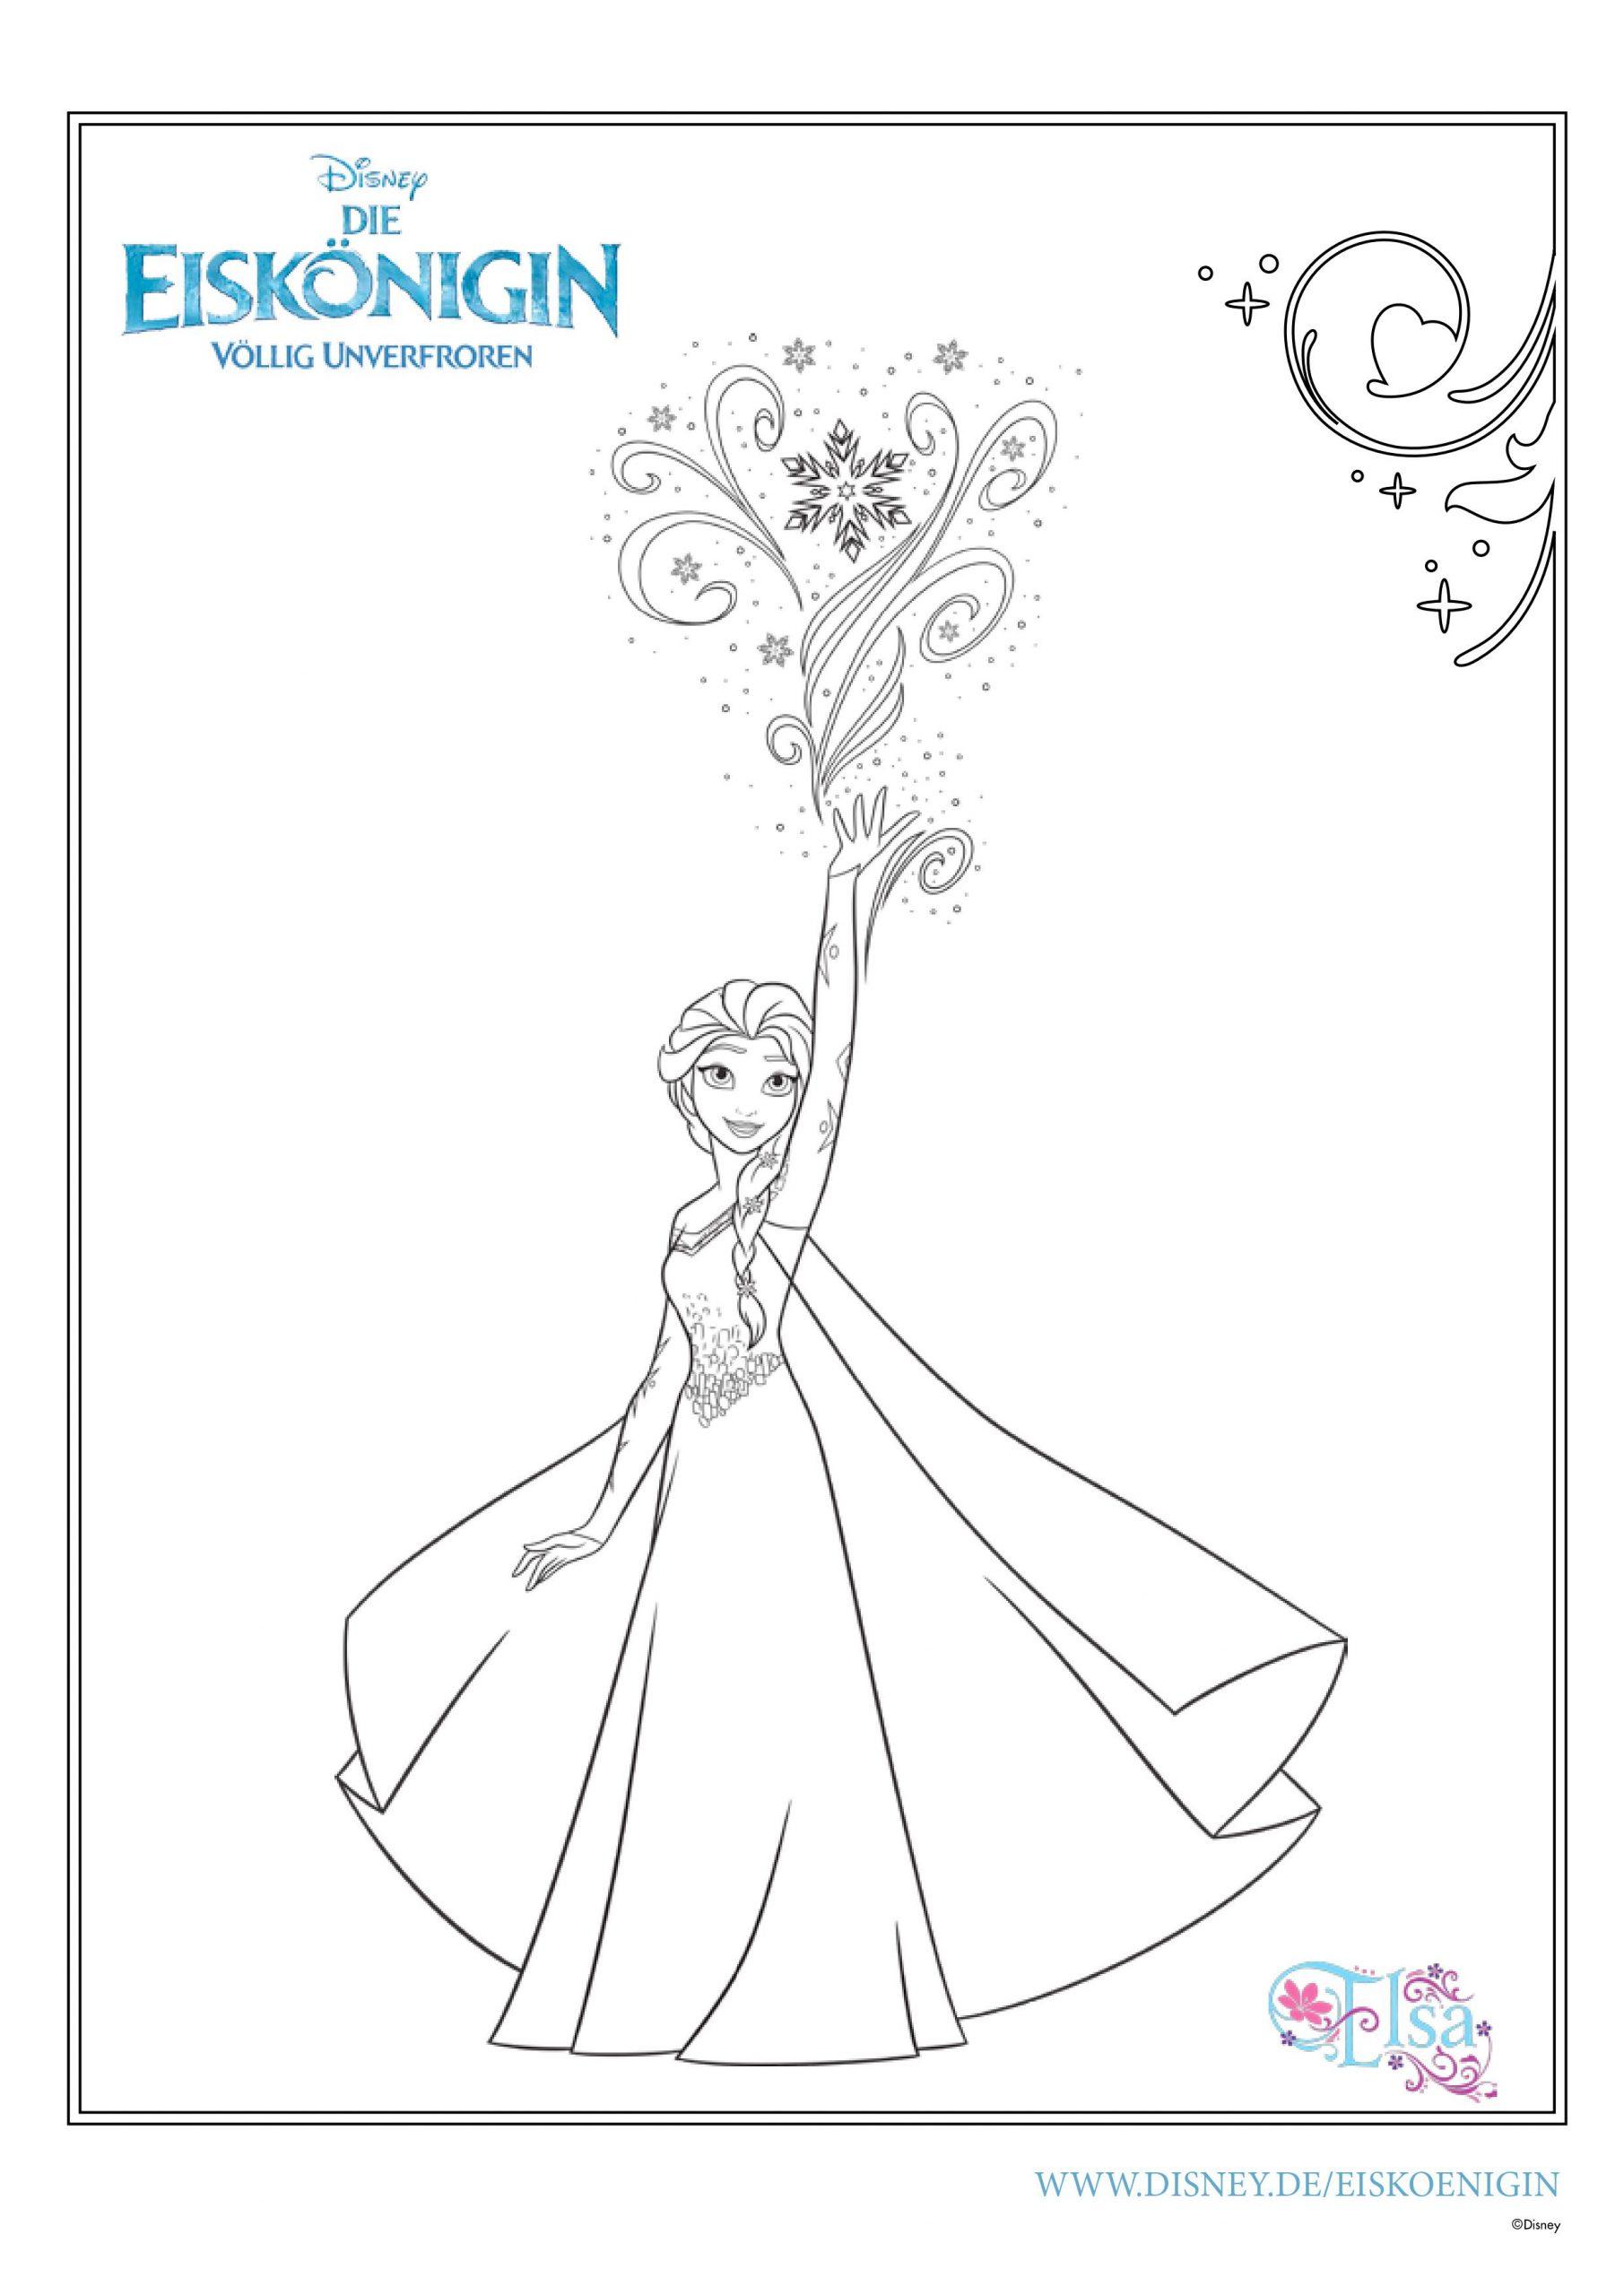 ausmalbilder eiskönigin  mytoysblog für malvorlage elsa